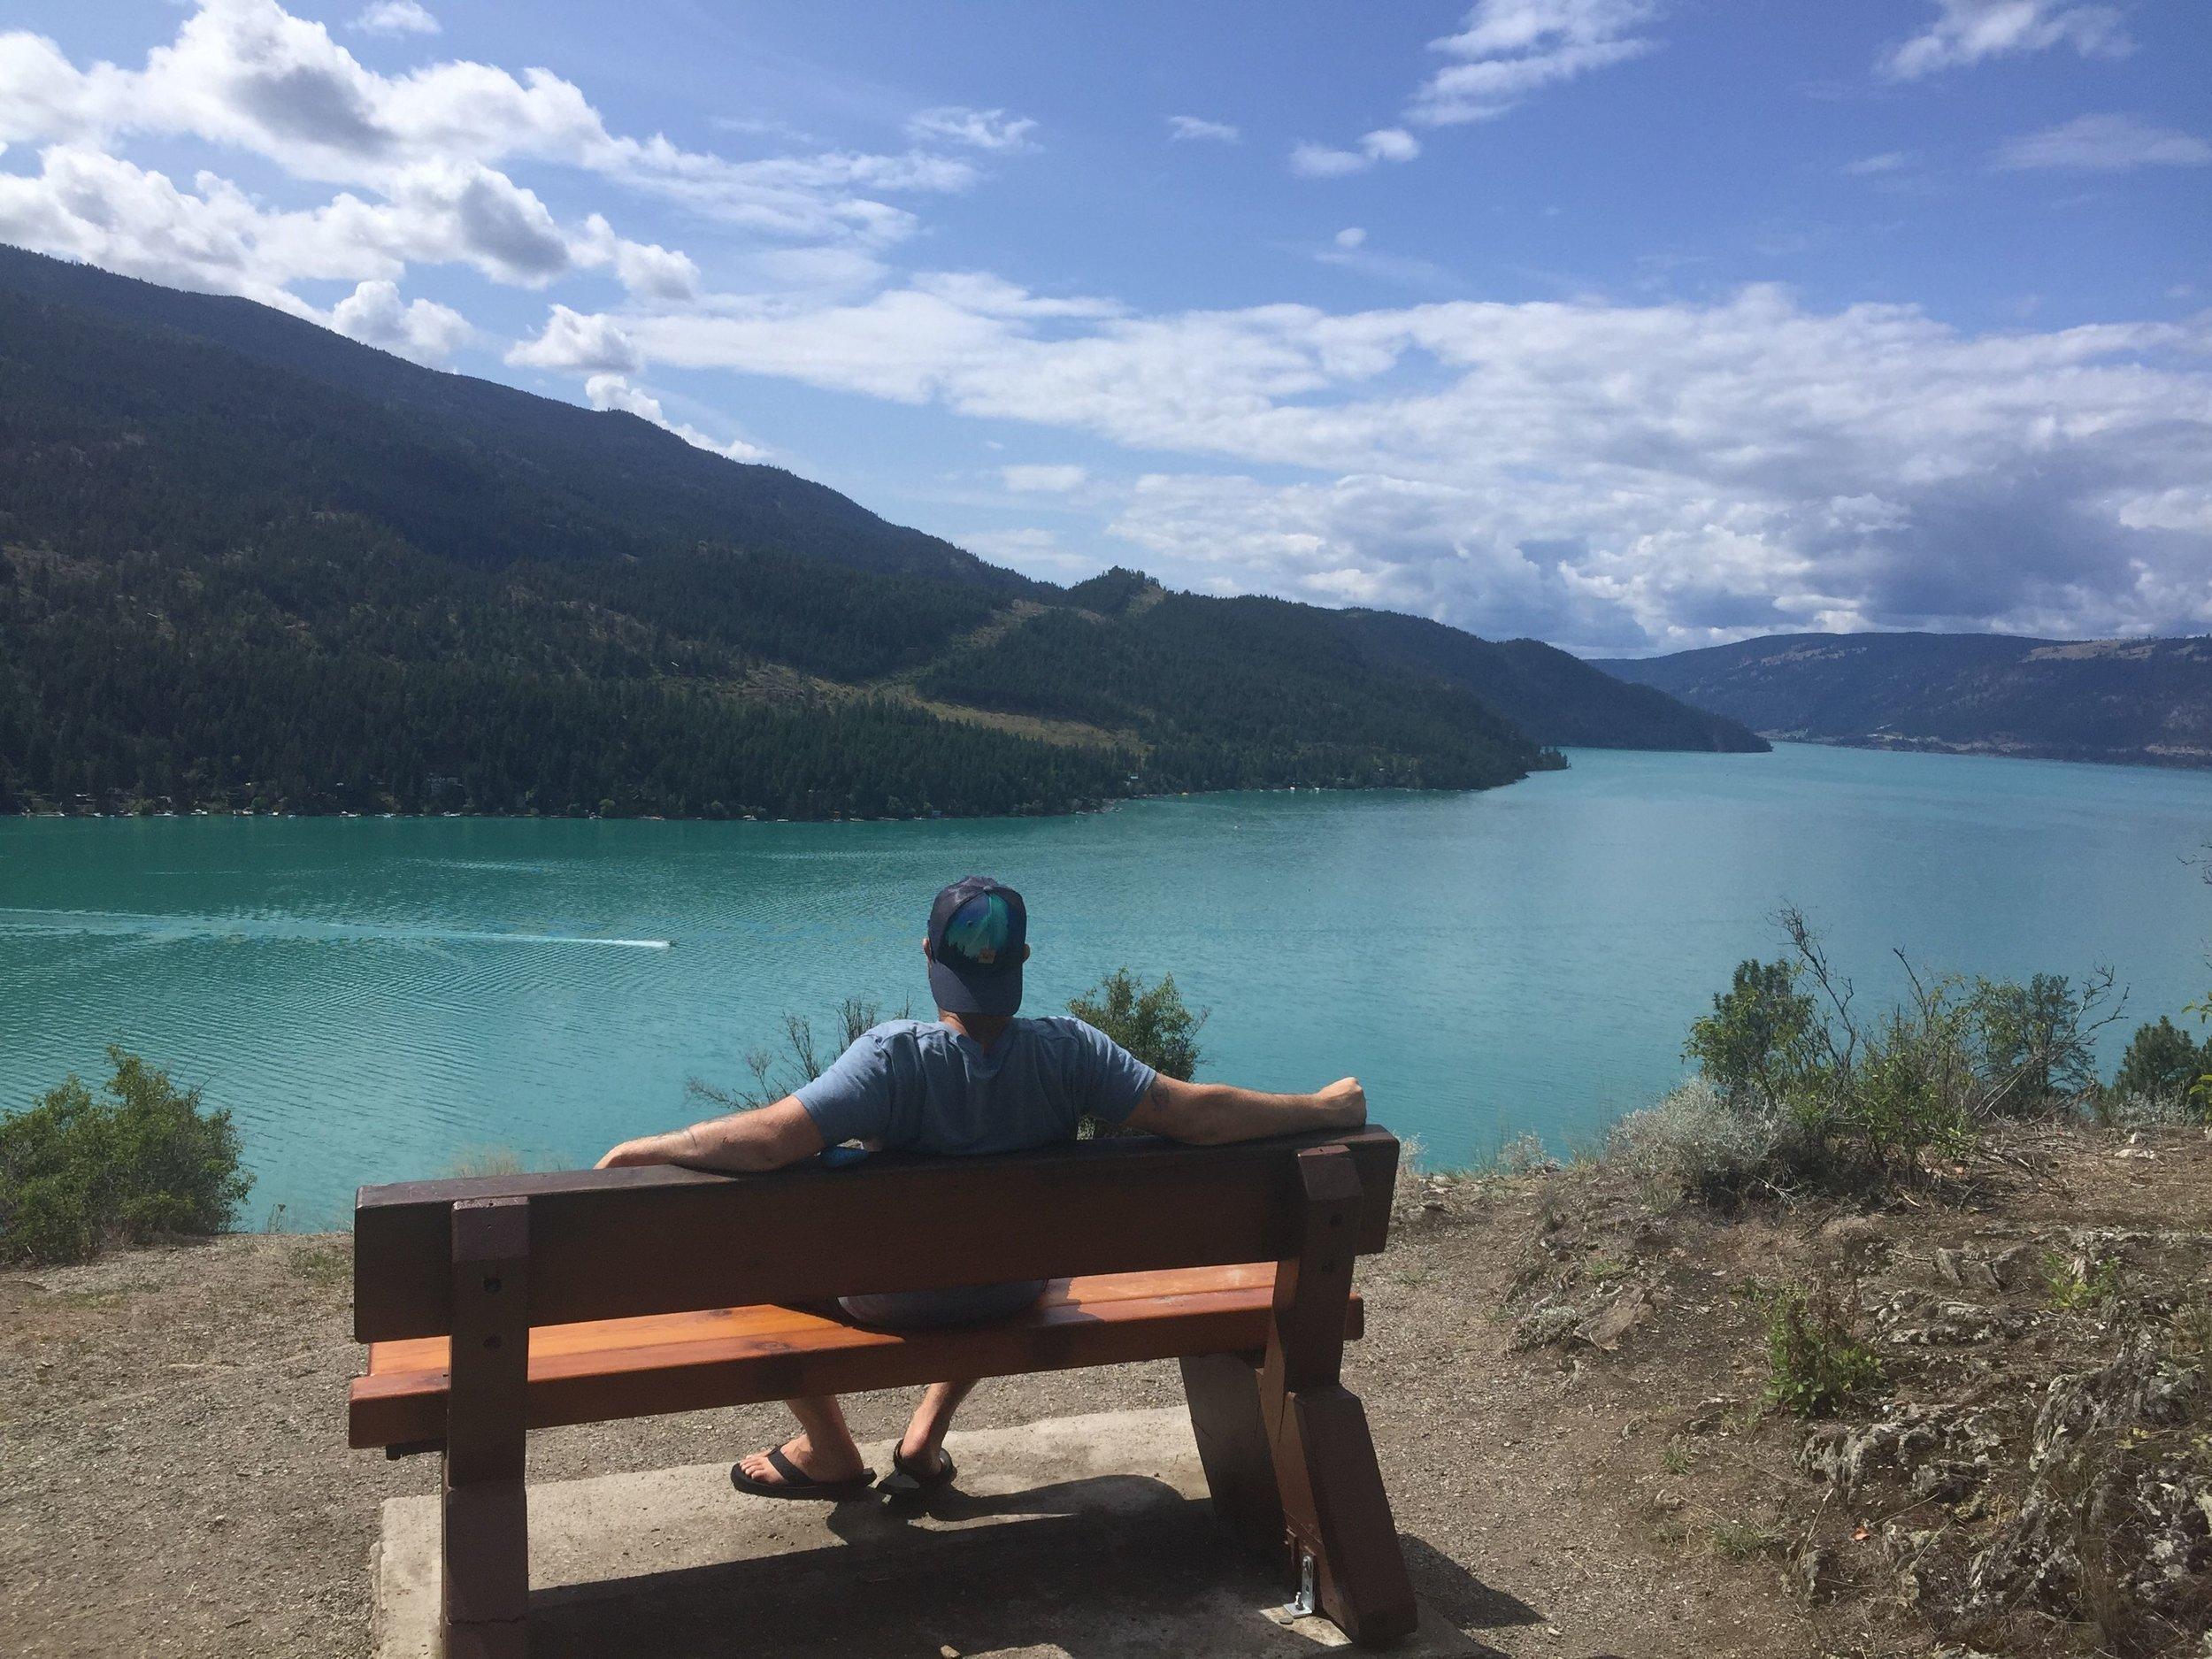 Ikalamalka-lake-okanagan-british-columbia-canada.jpg